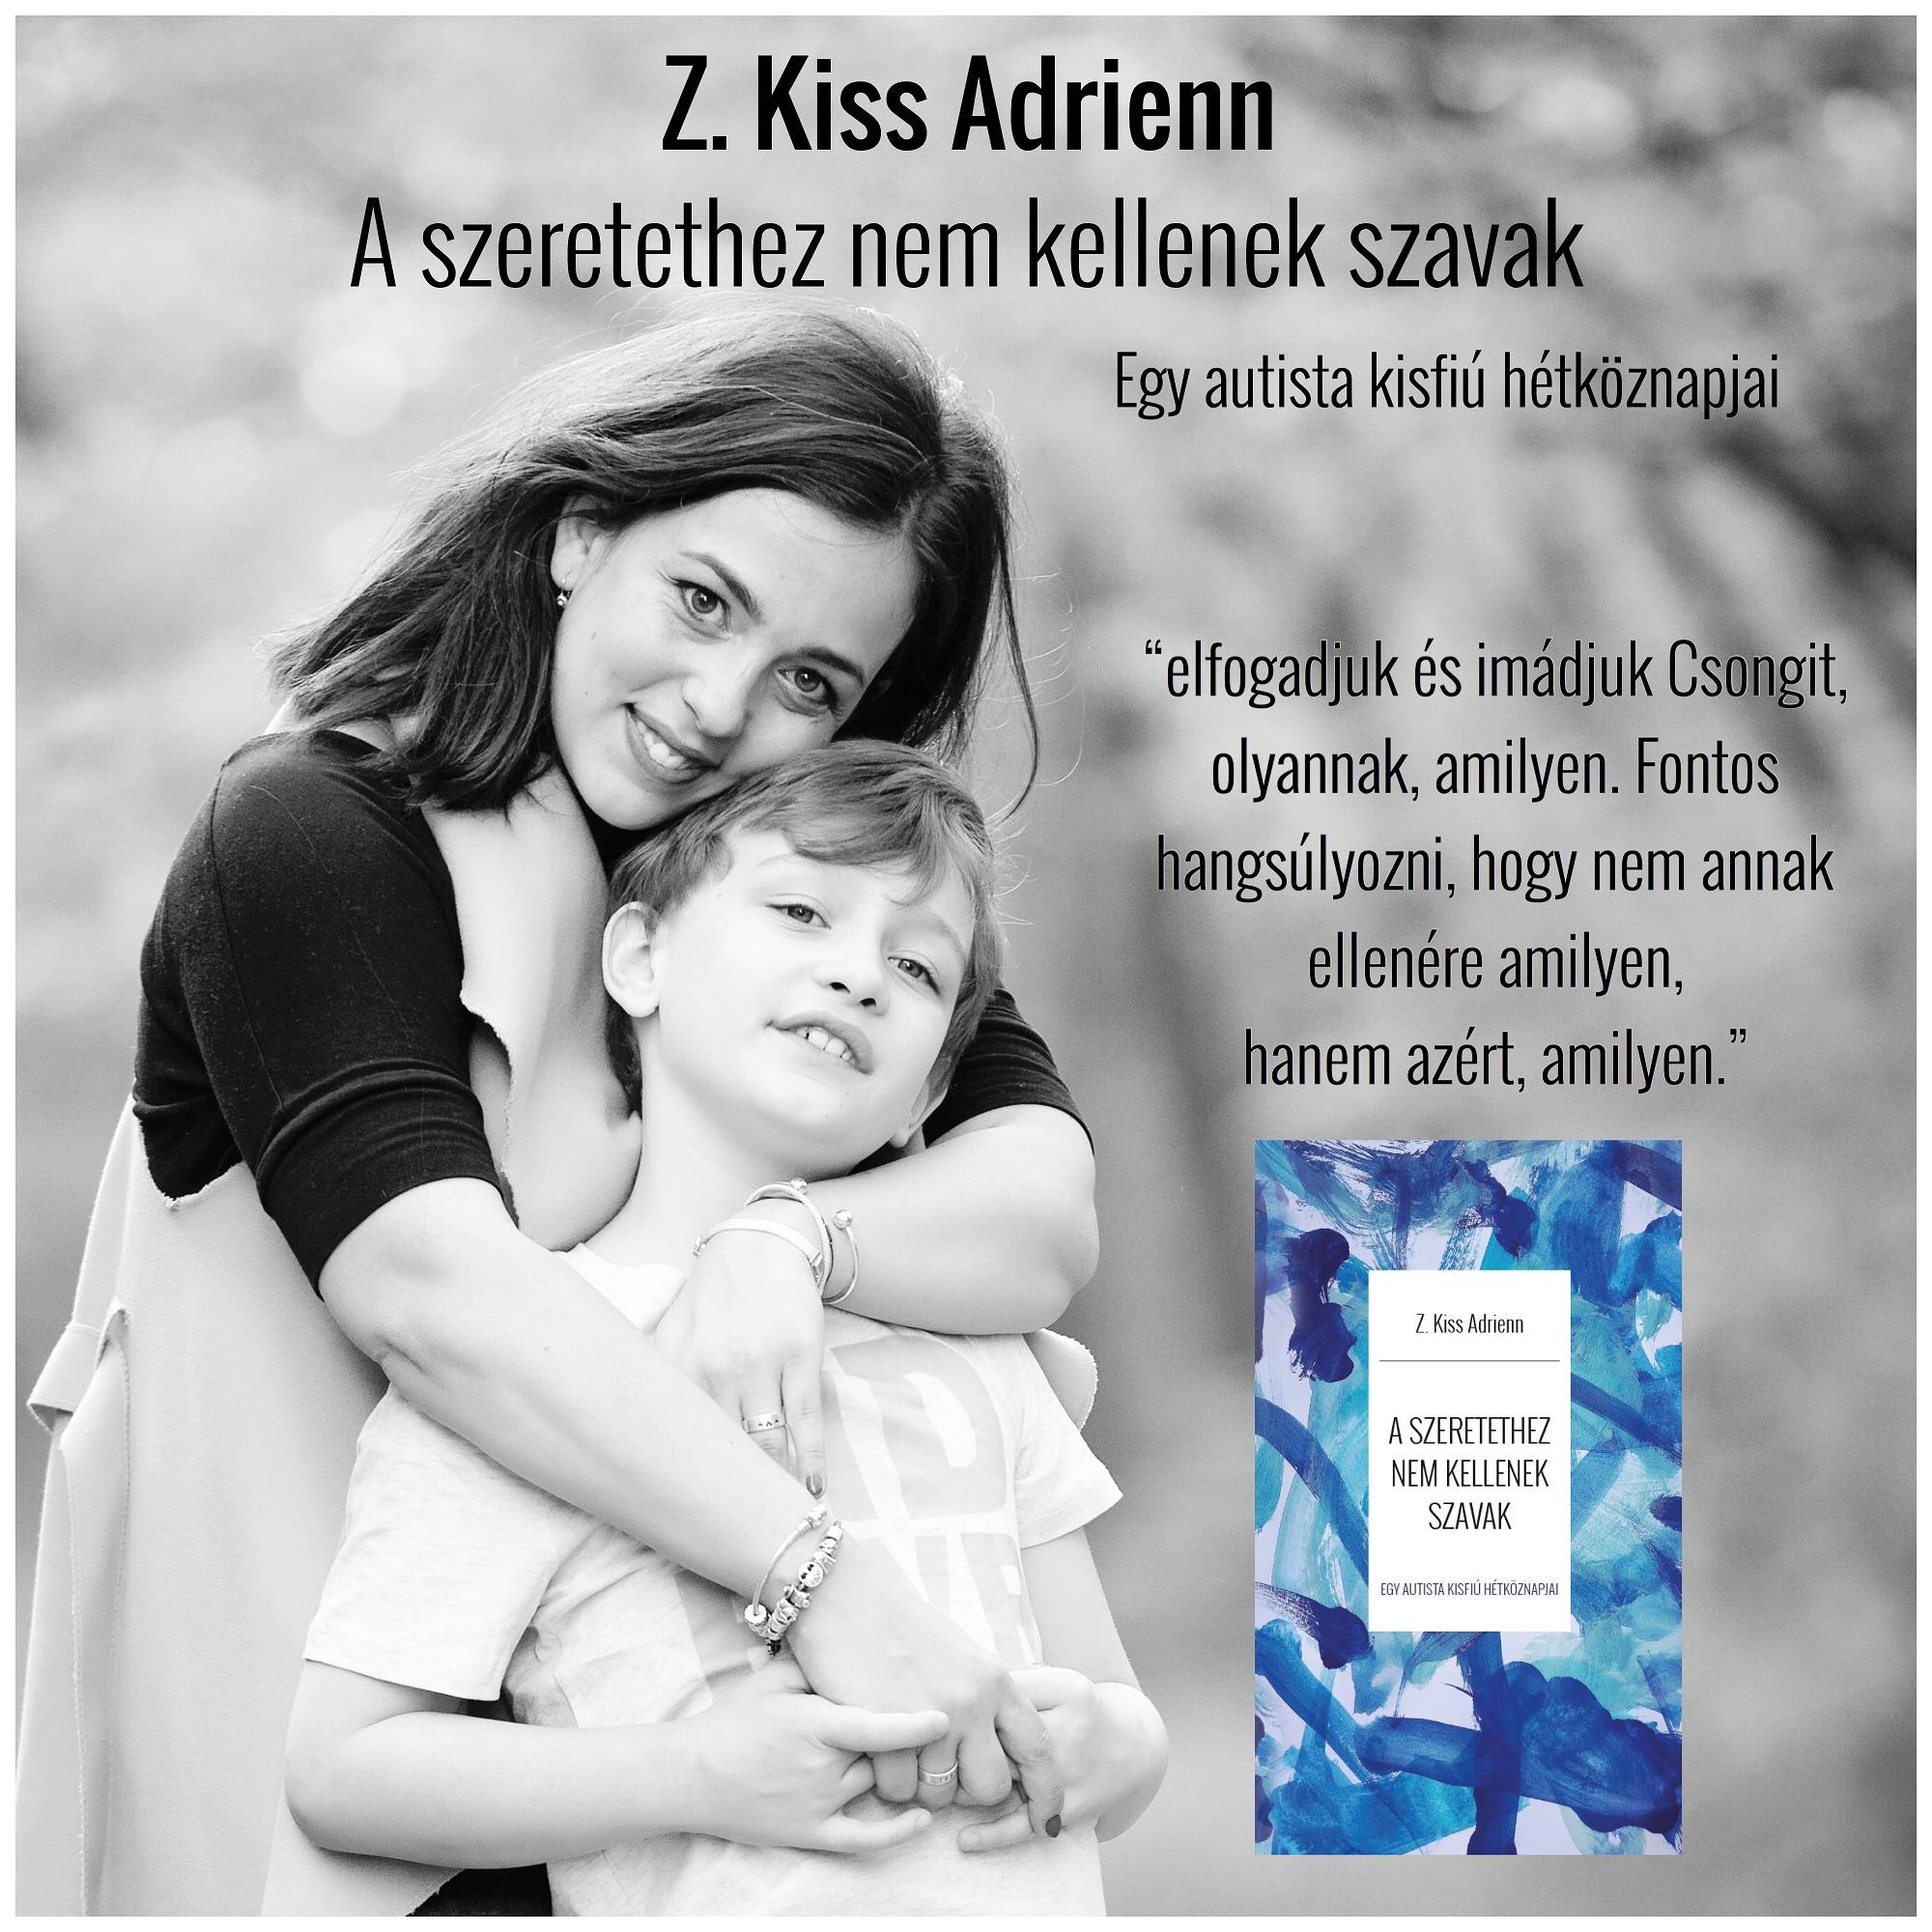 Z. Kiss Adrienn2 - A szeretethez nem kellenek szavak